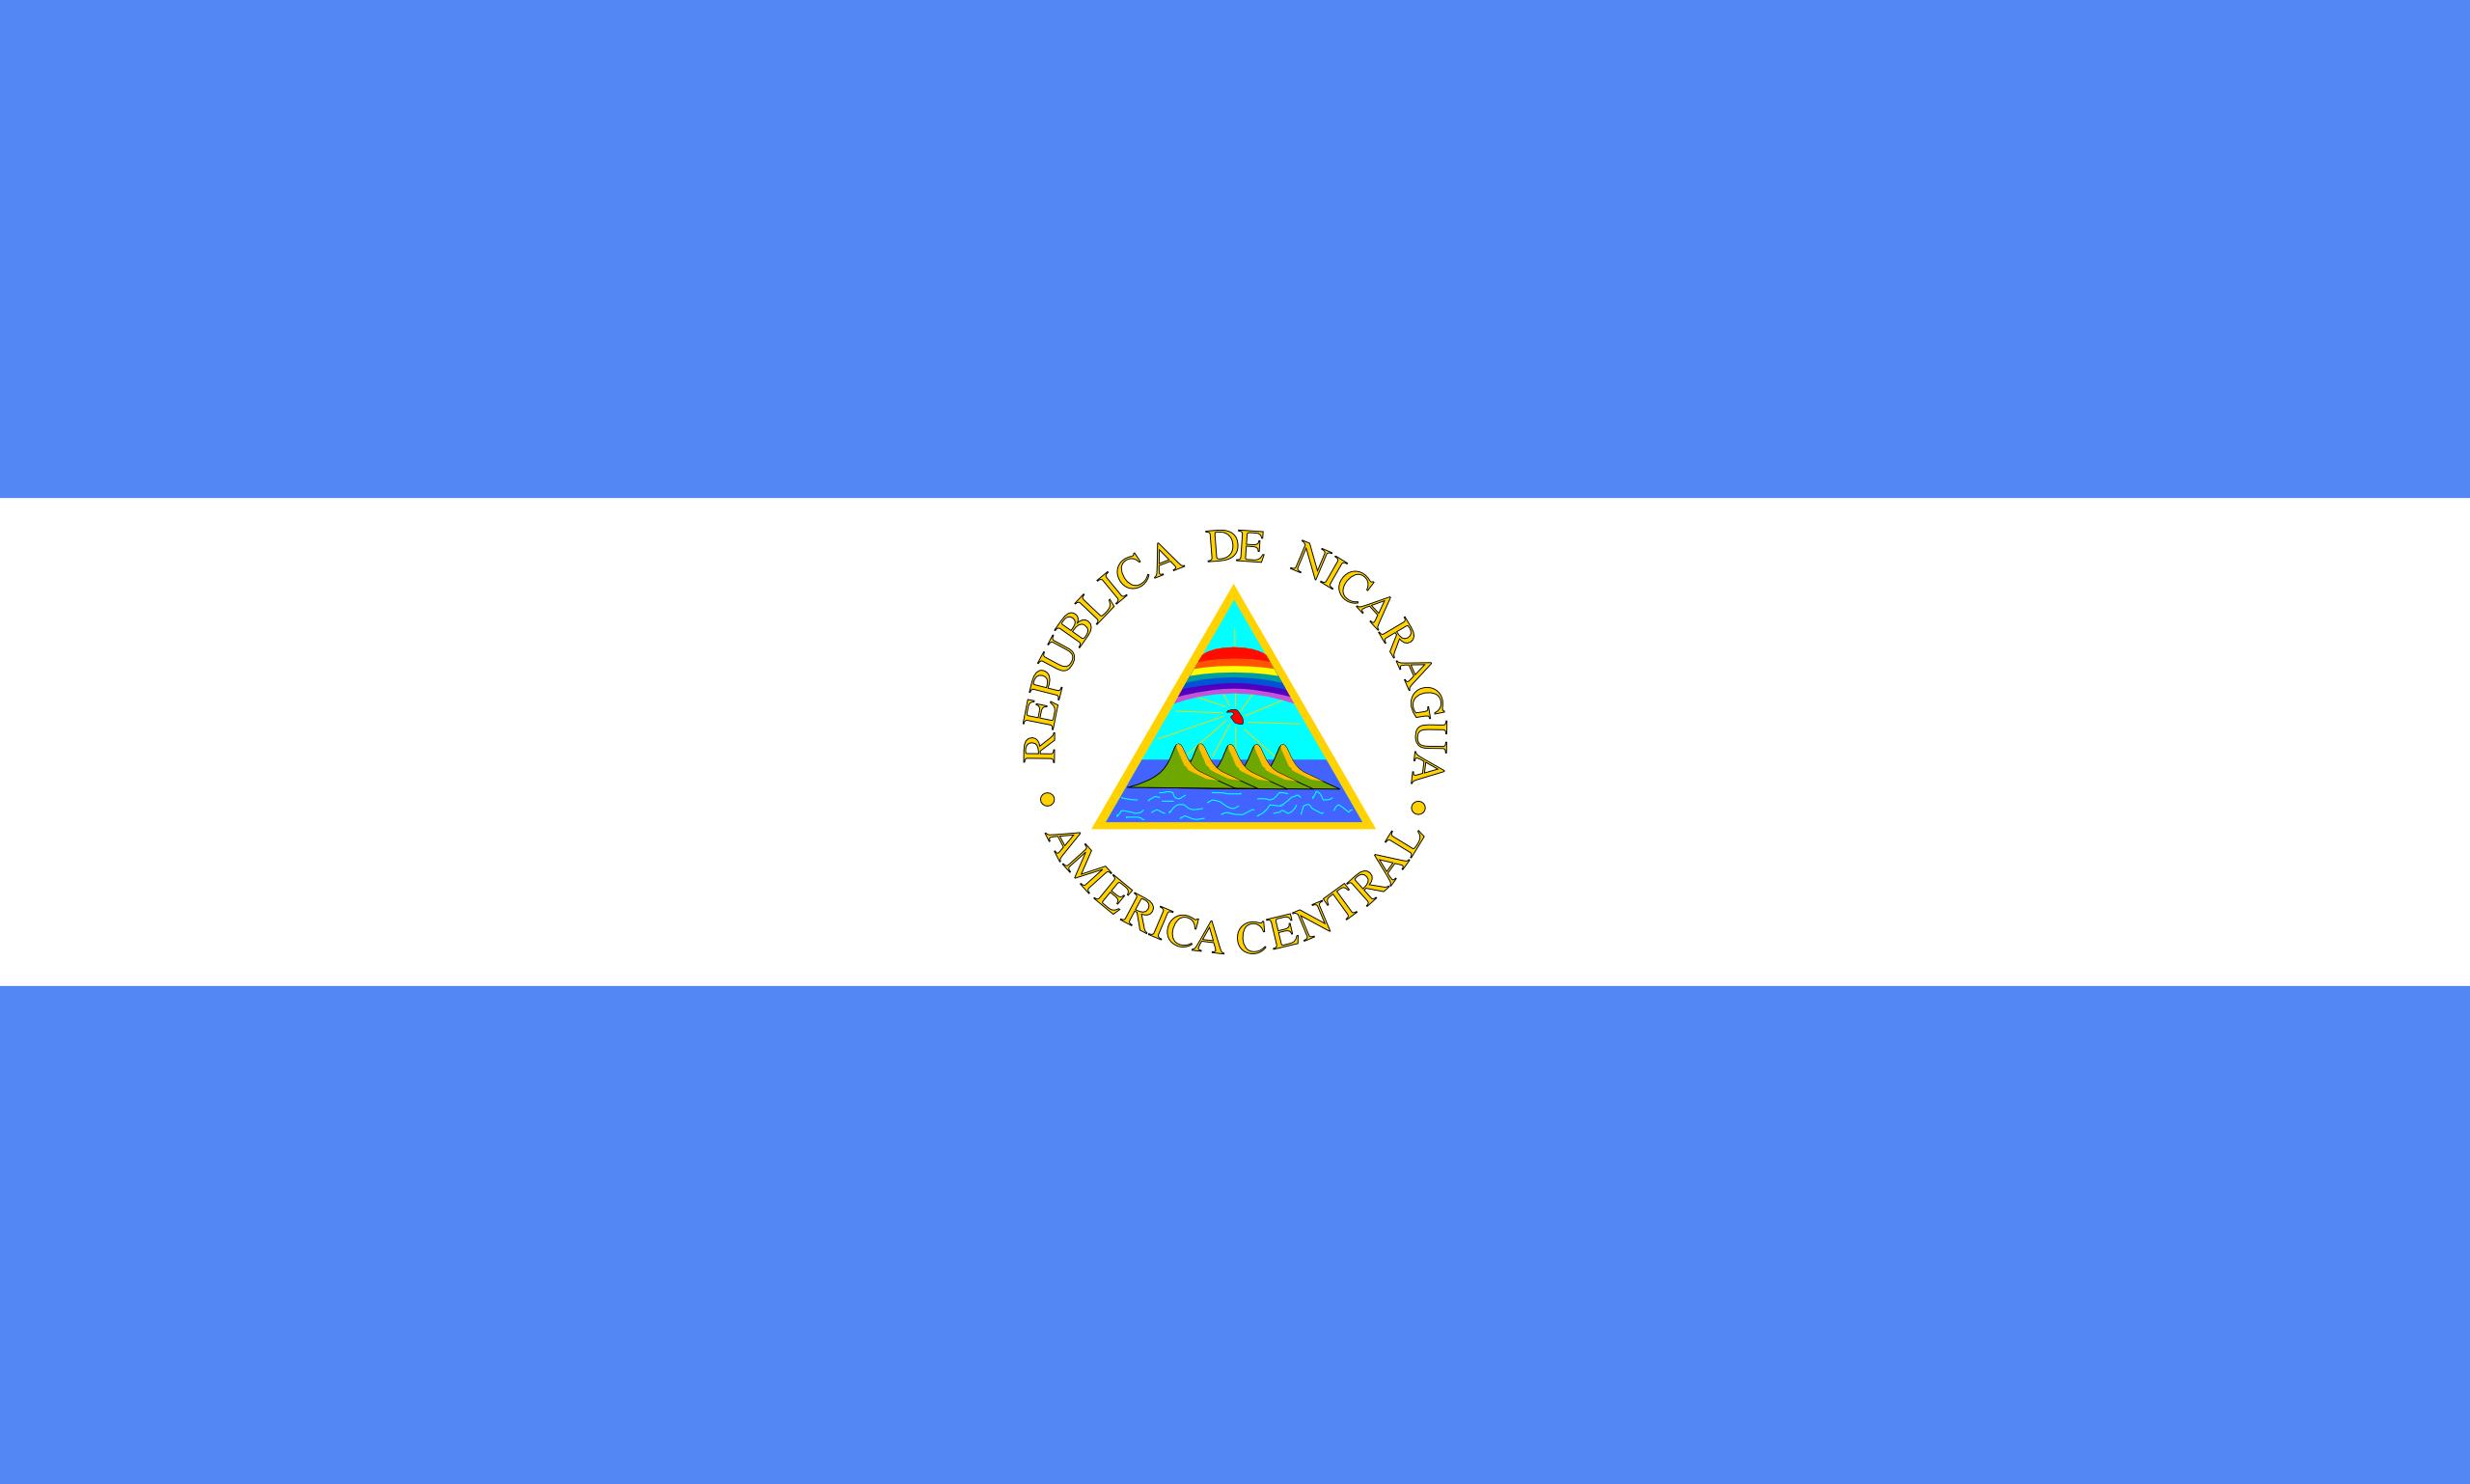 nicaragua, 国家, 会徽, 徽标, 符号 - 高清壁纸 - 教授-falken.com